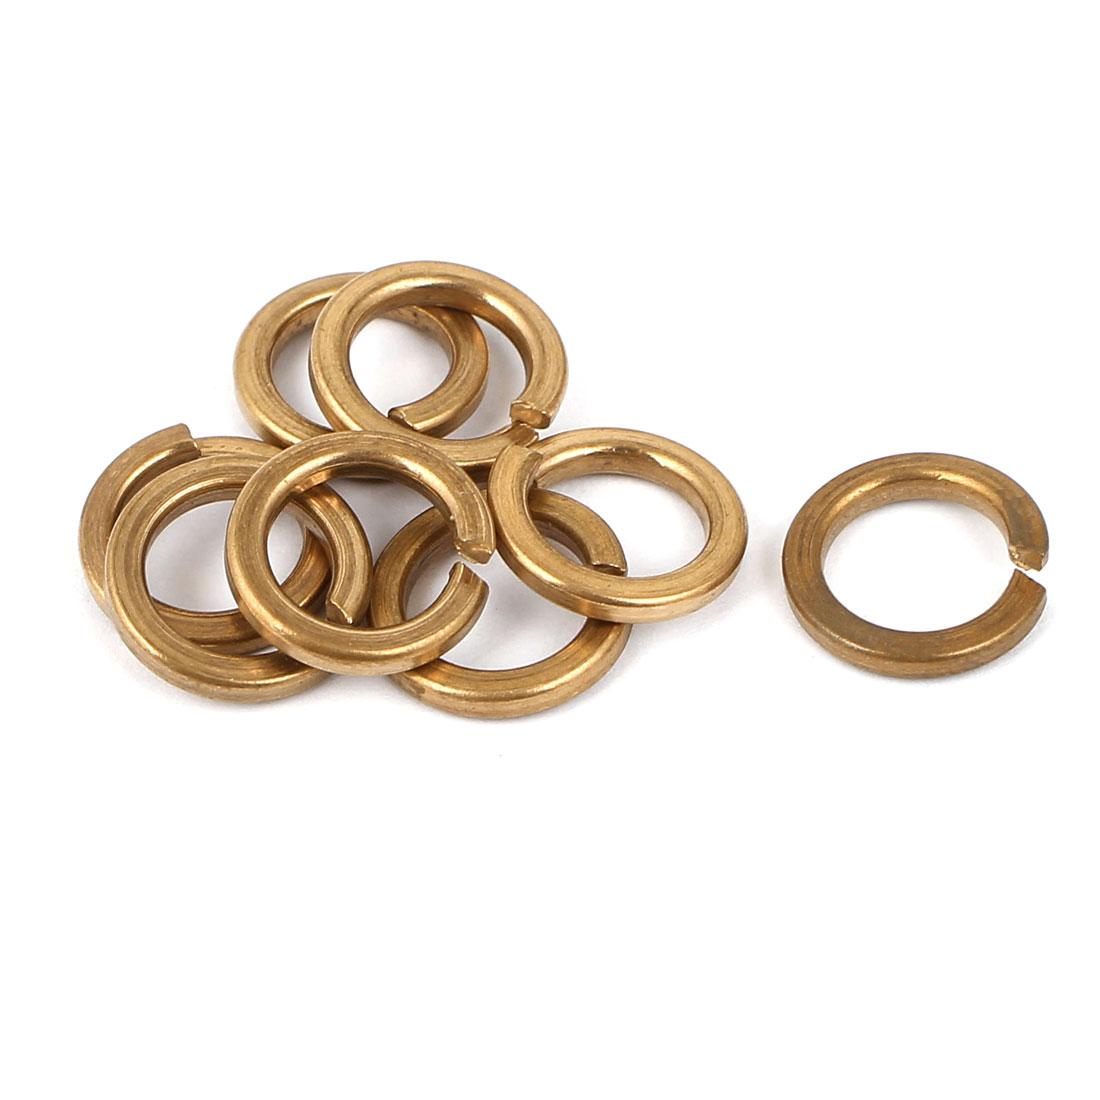 M8 Copper Split Lock Sealing Ring Spring Washer Fastener 8pcs